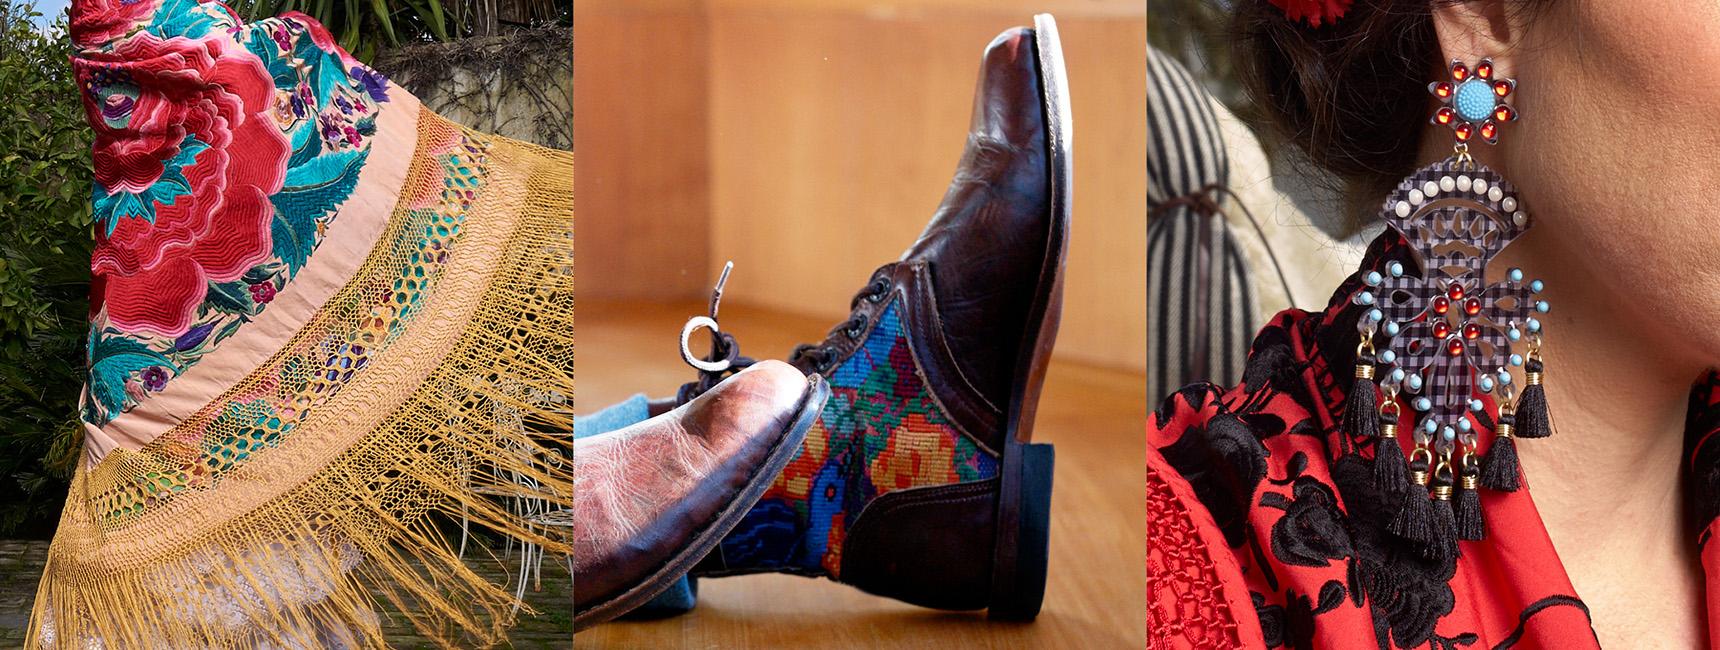 Mantón, botas y pendientes